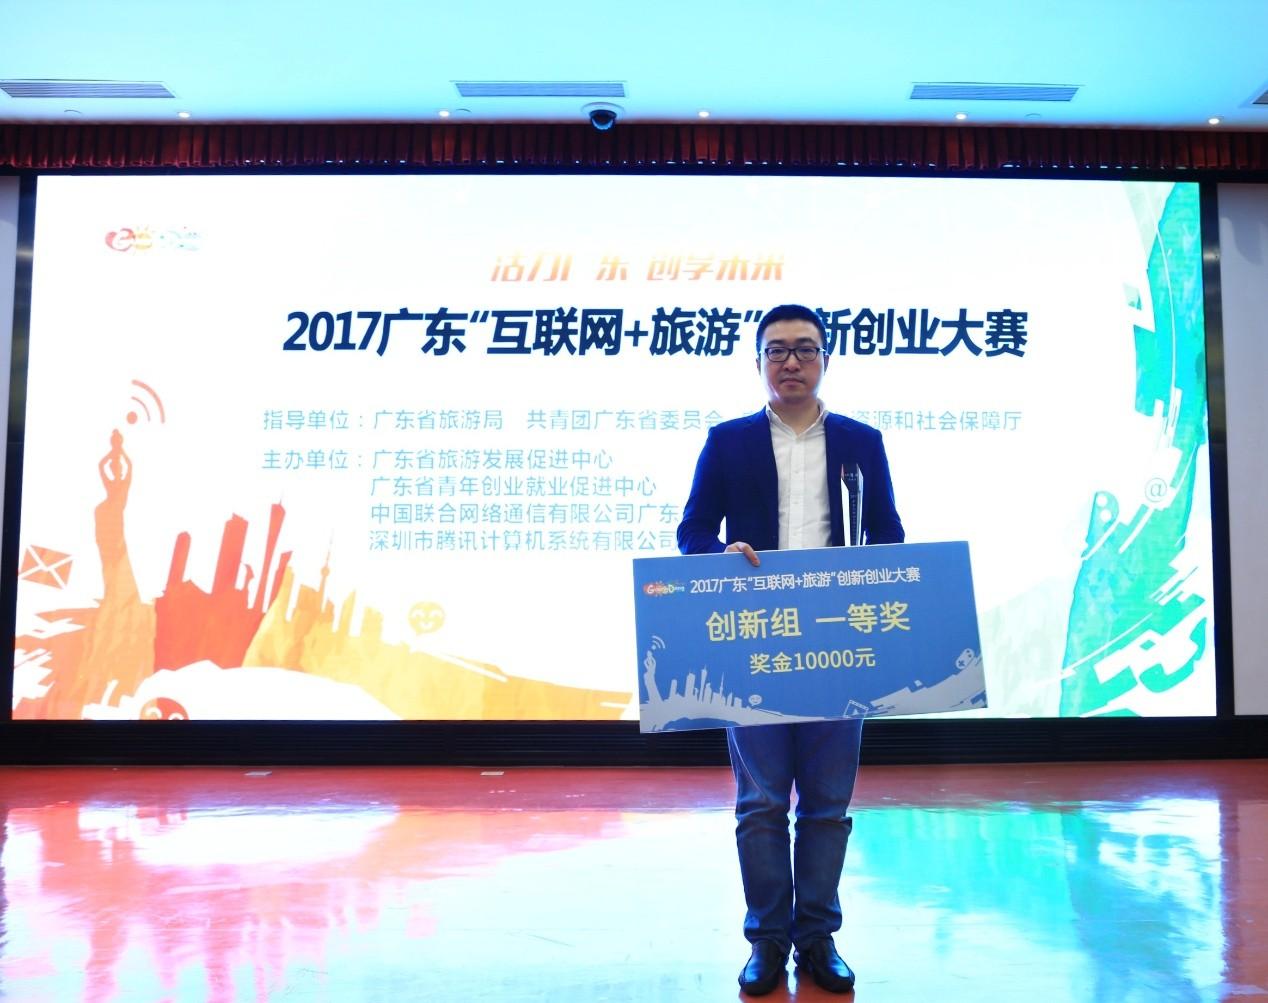 """载誉而归  趣旅获得广东""""互联网+旅游""""创新创业大赛第一名"""